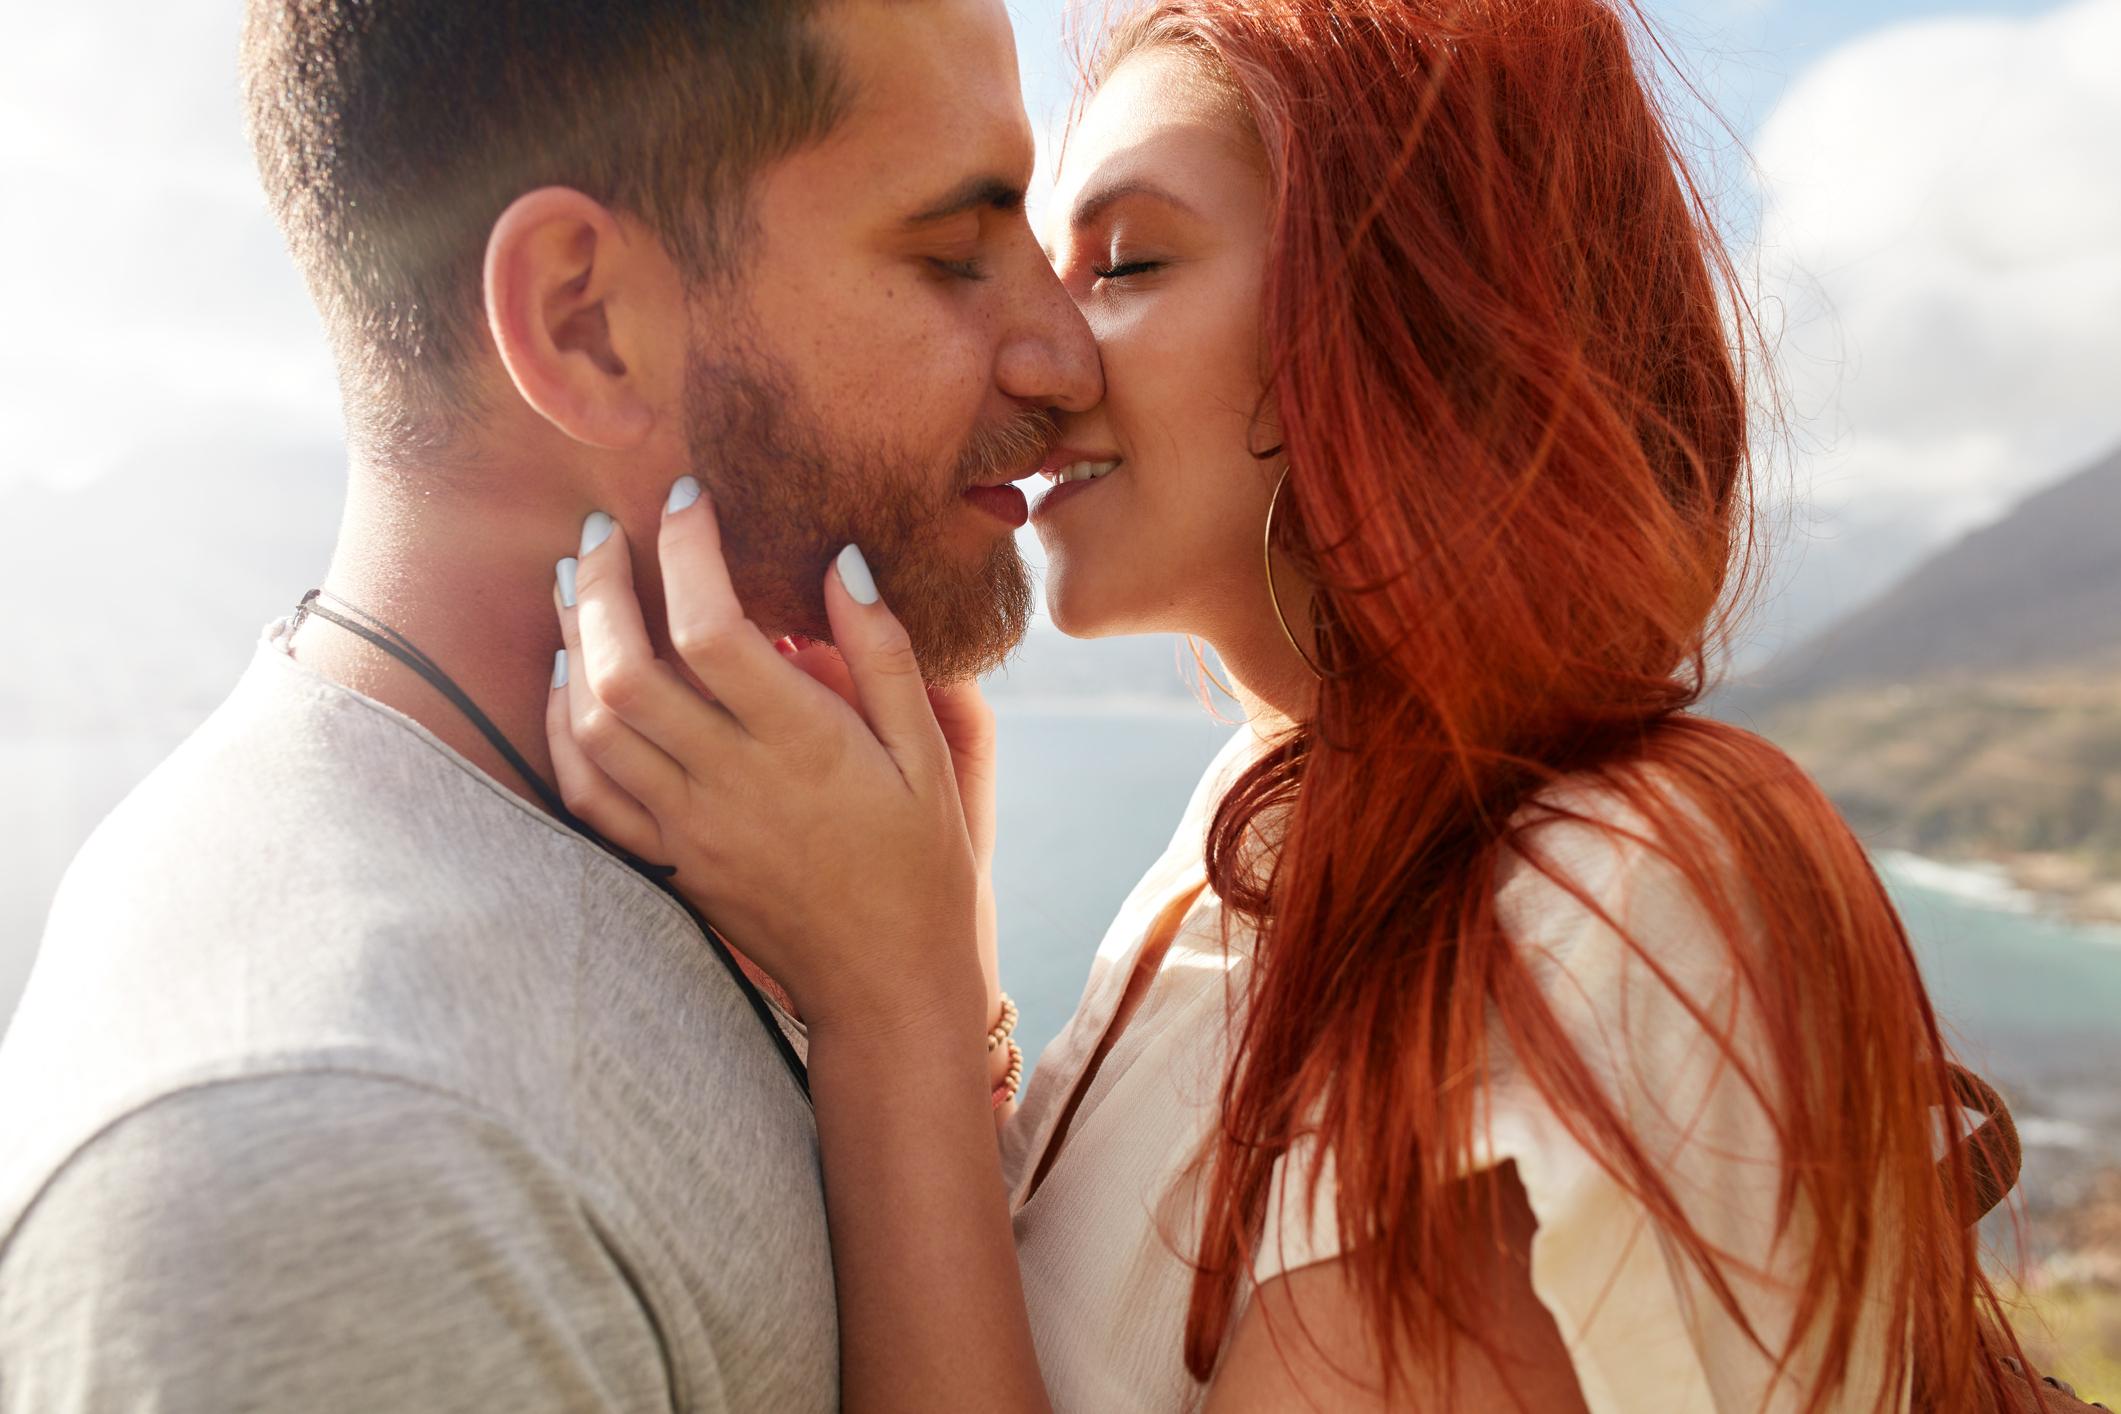 sexuelle anziehung oder verliebt